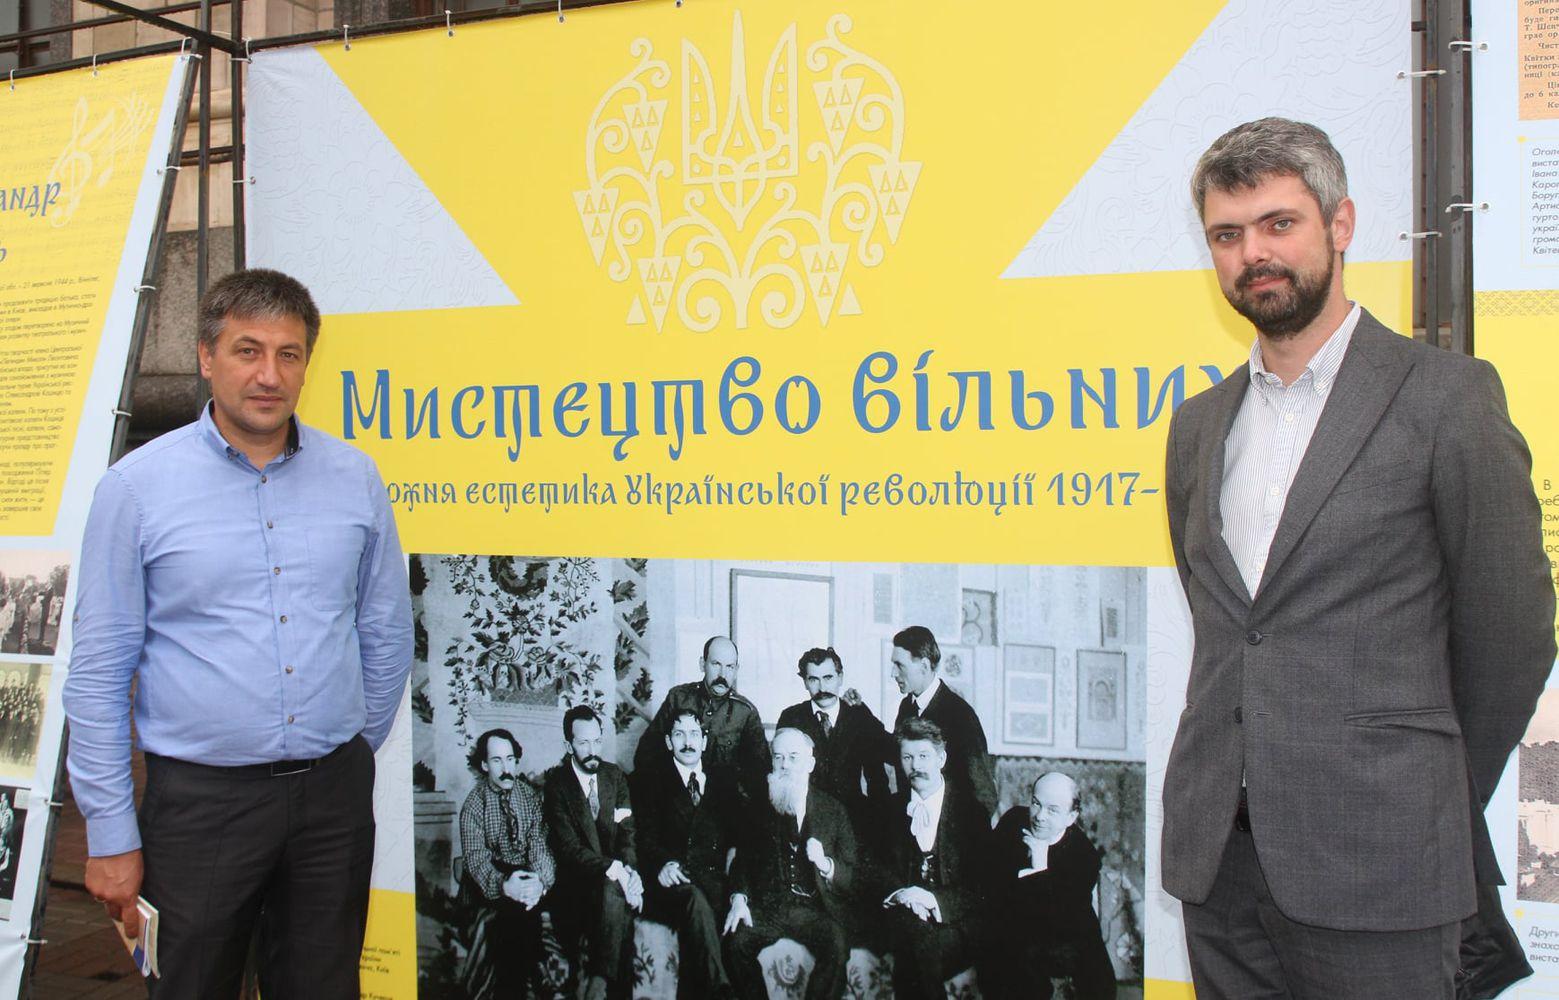 Виставка «Мистецтво вільних: художня естетика Української революції 1917—1921»